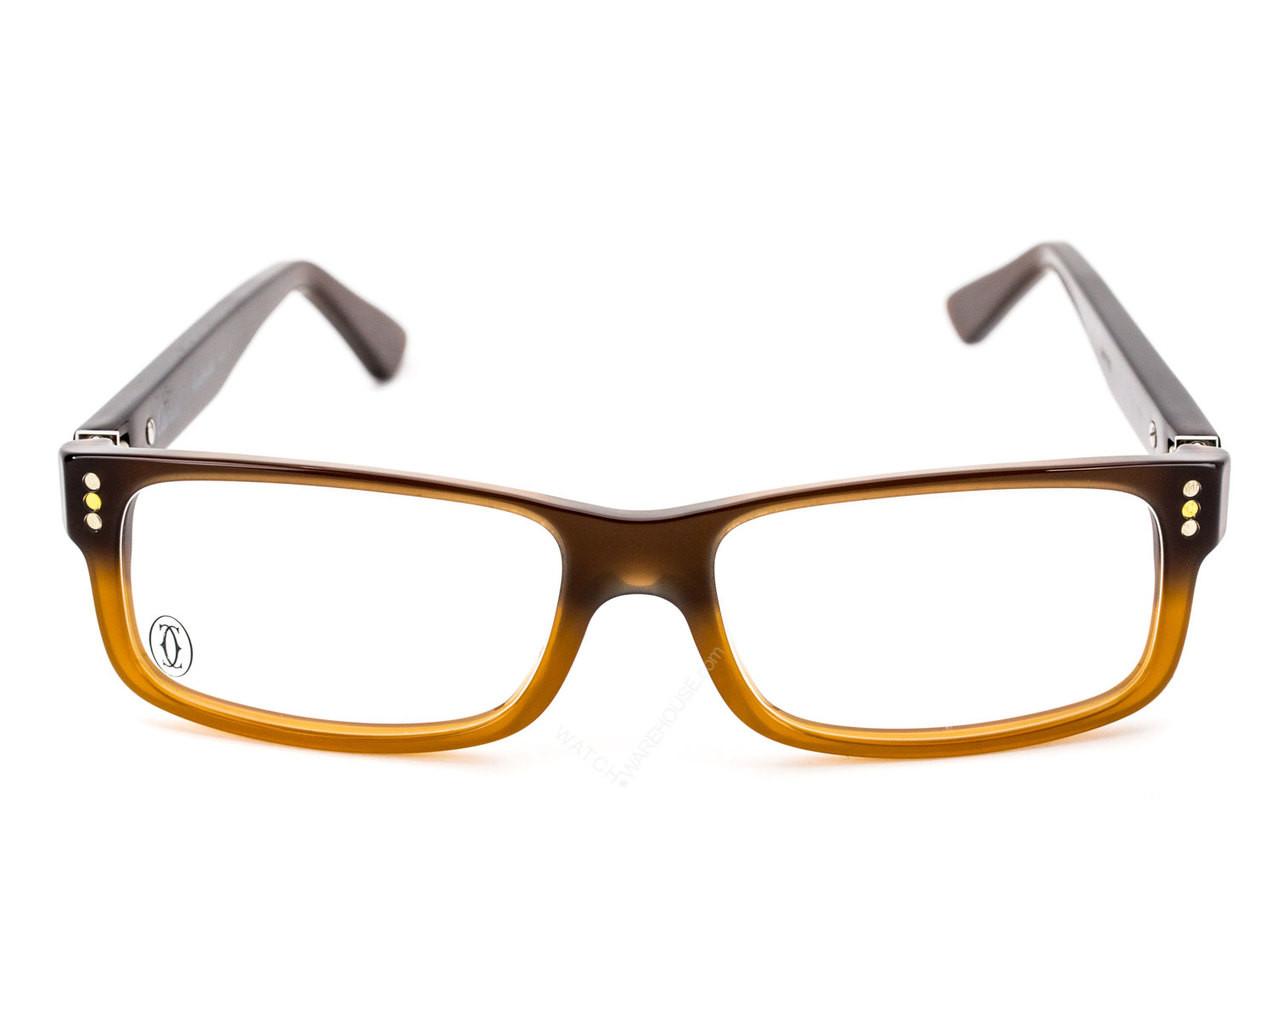 1e4b540d6ce46 T8100953 Cartier Premiere Two-Tone Cognac-Color Women s Eyewear